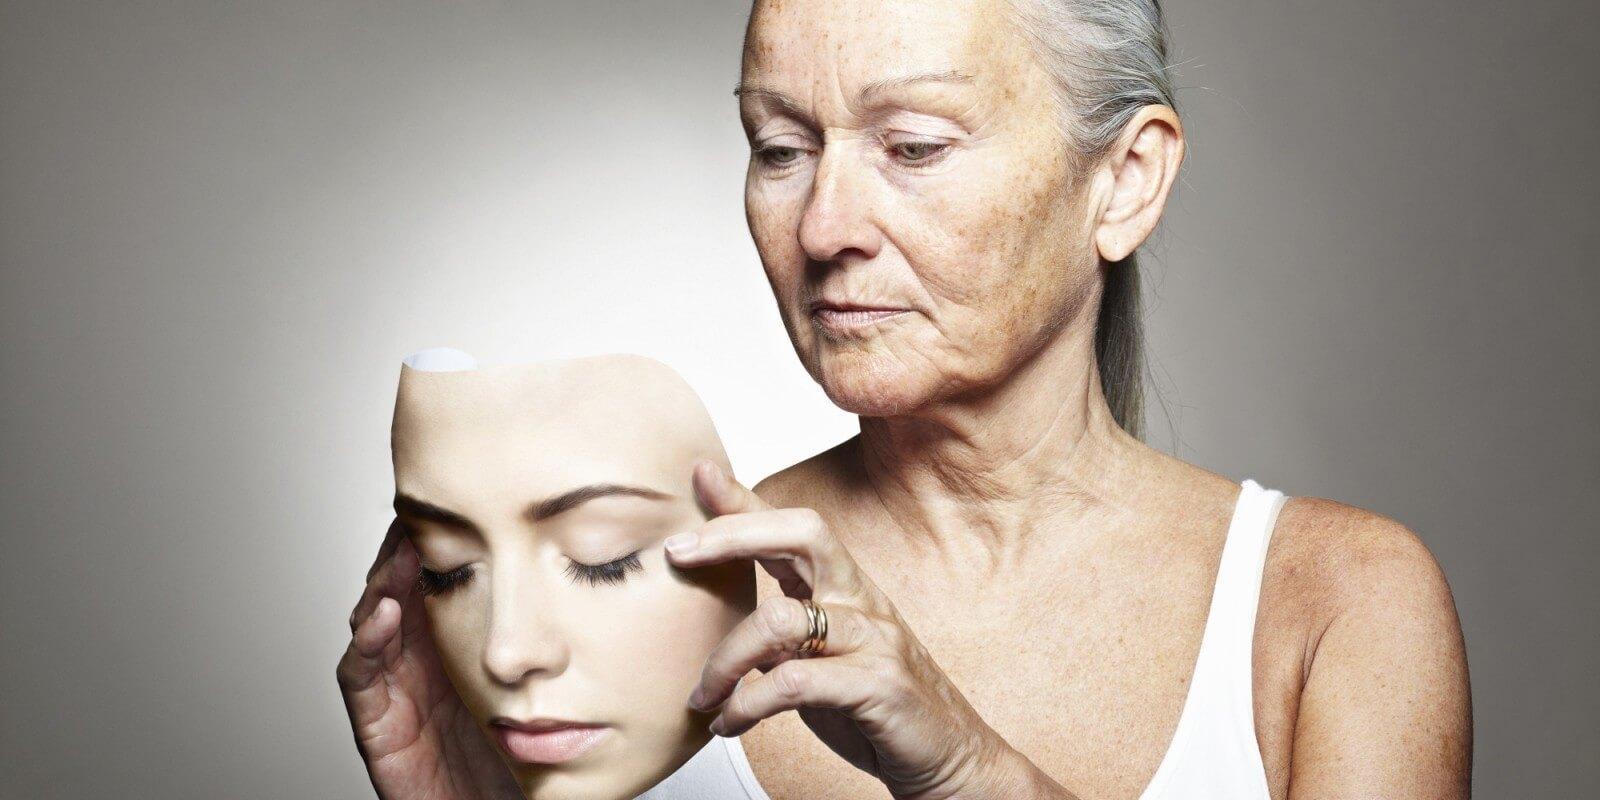 Депрессия может ускорять процессы старения у человека